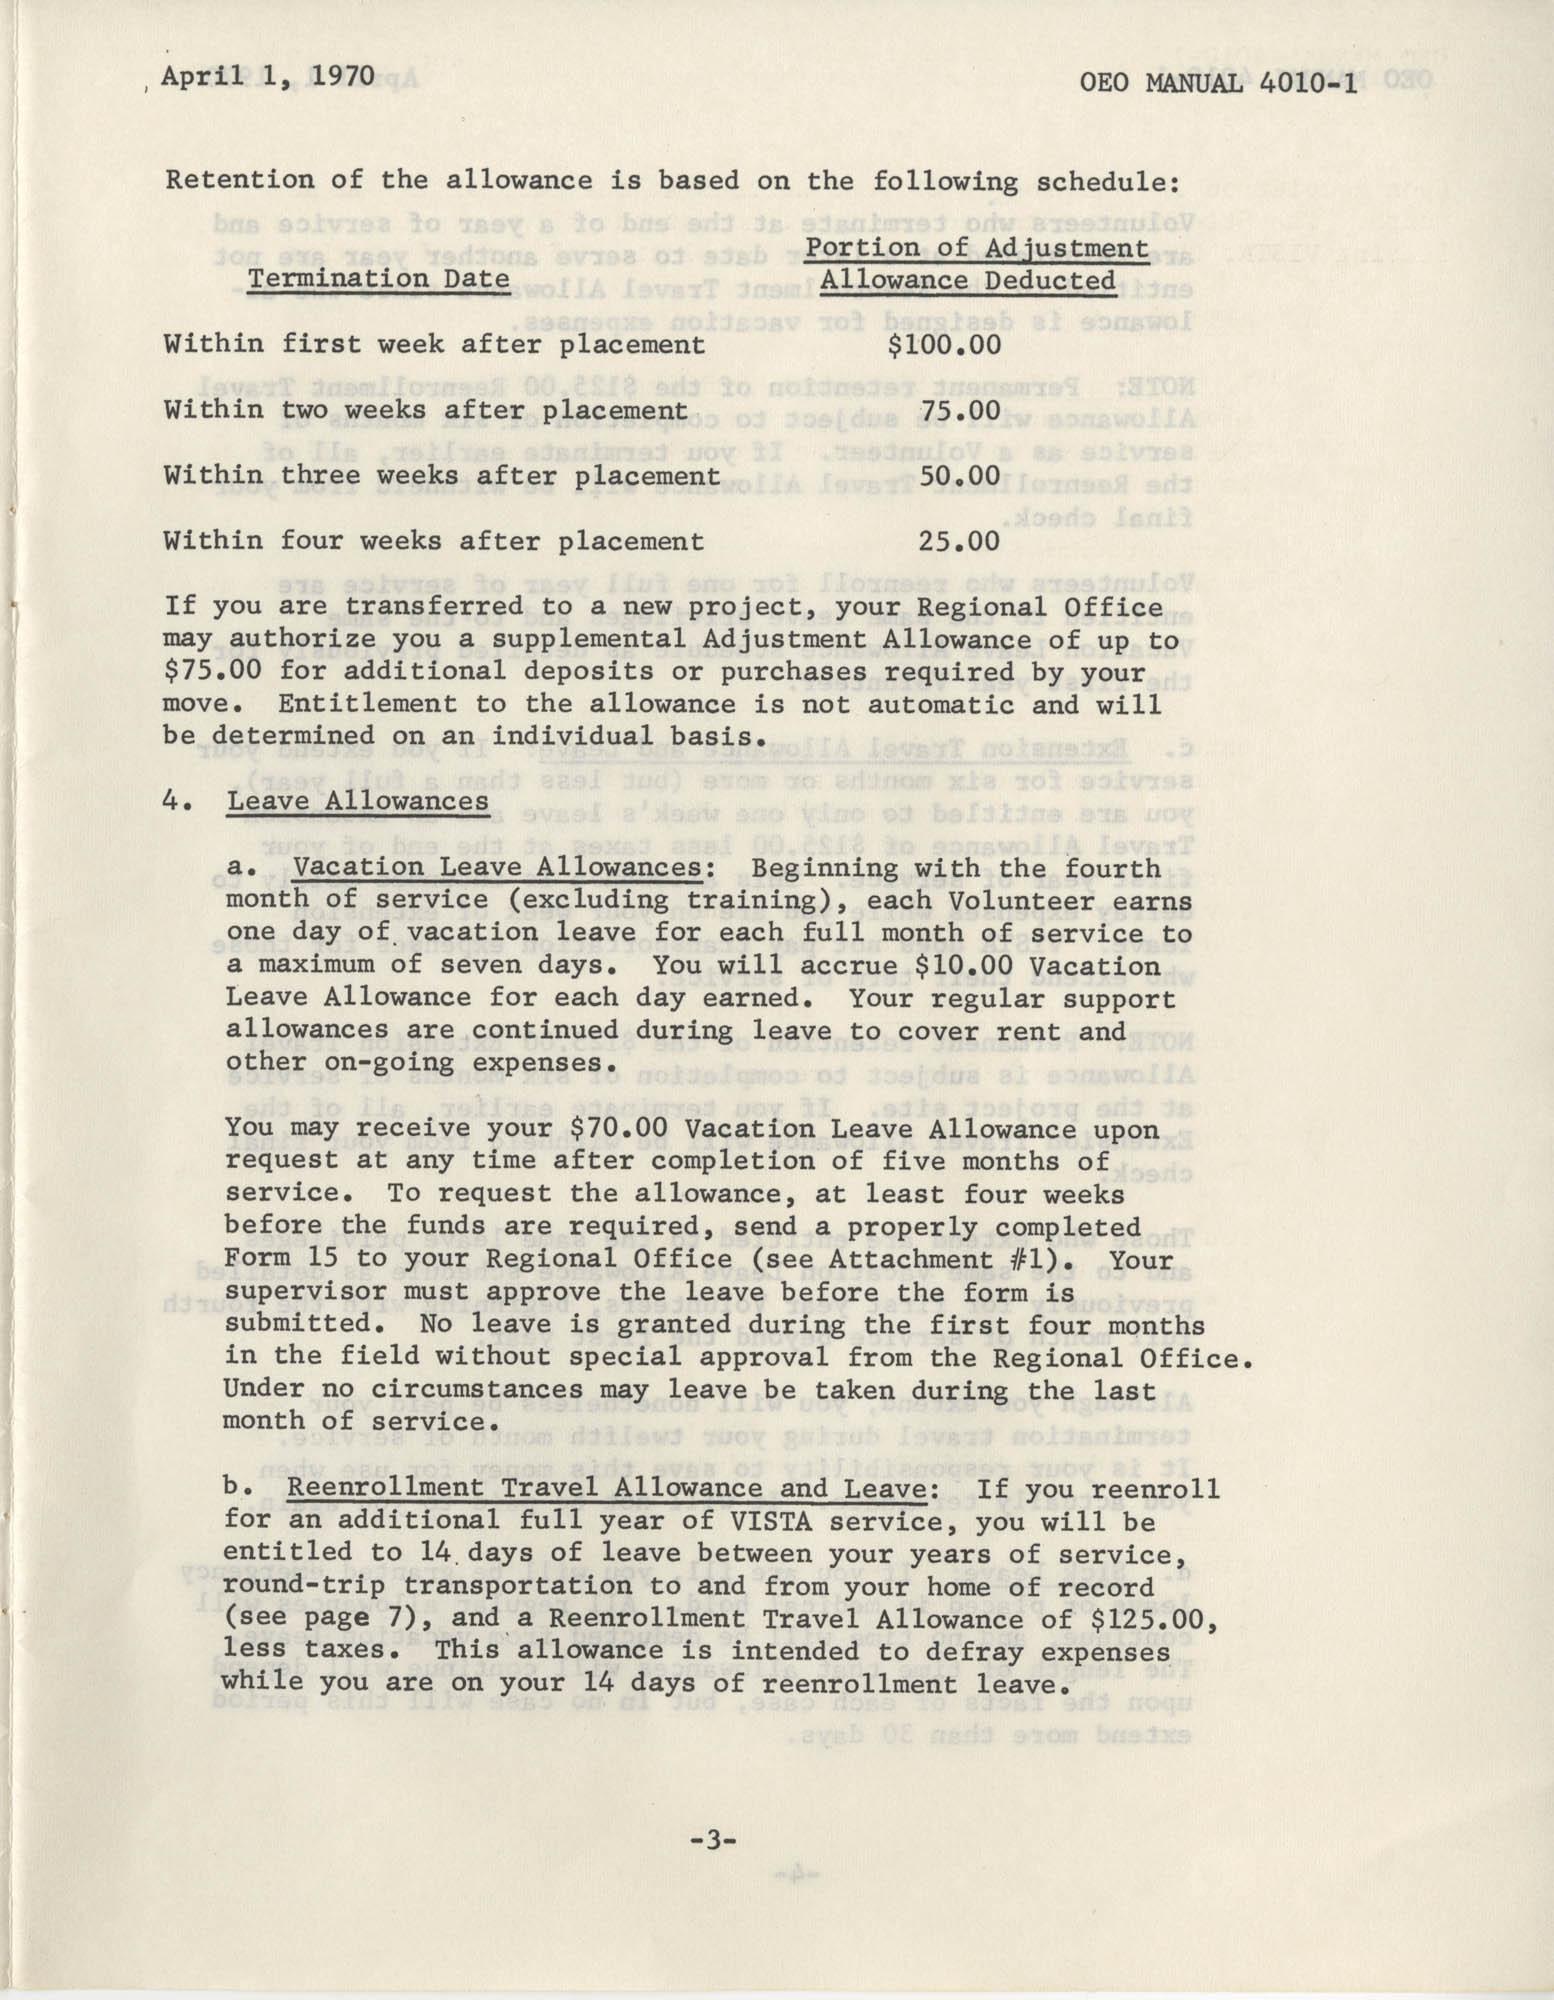 Vista Volunteer Handbook, April 1970, Page 3